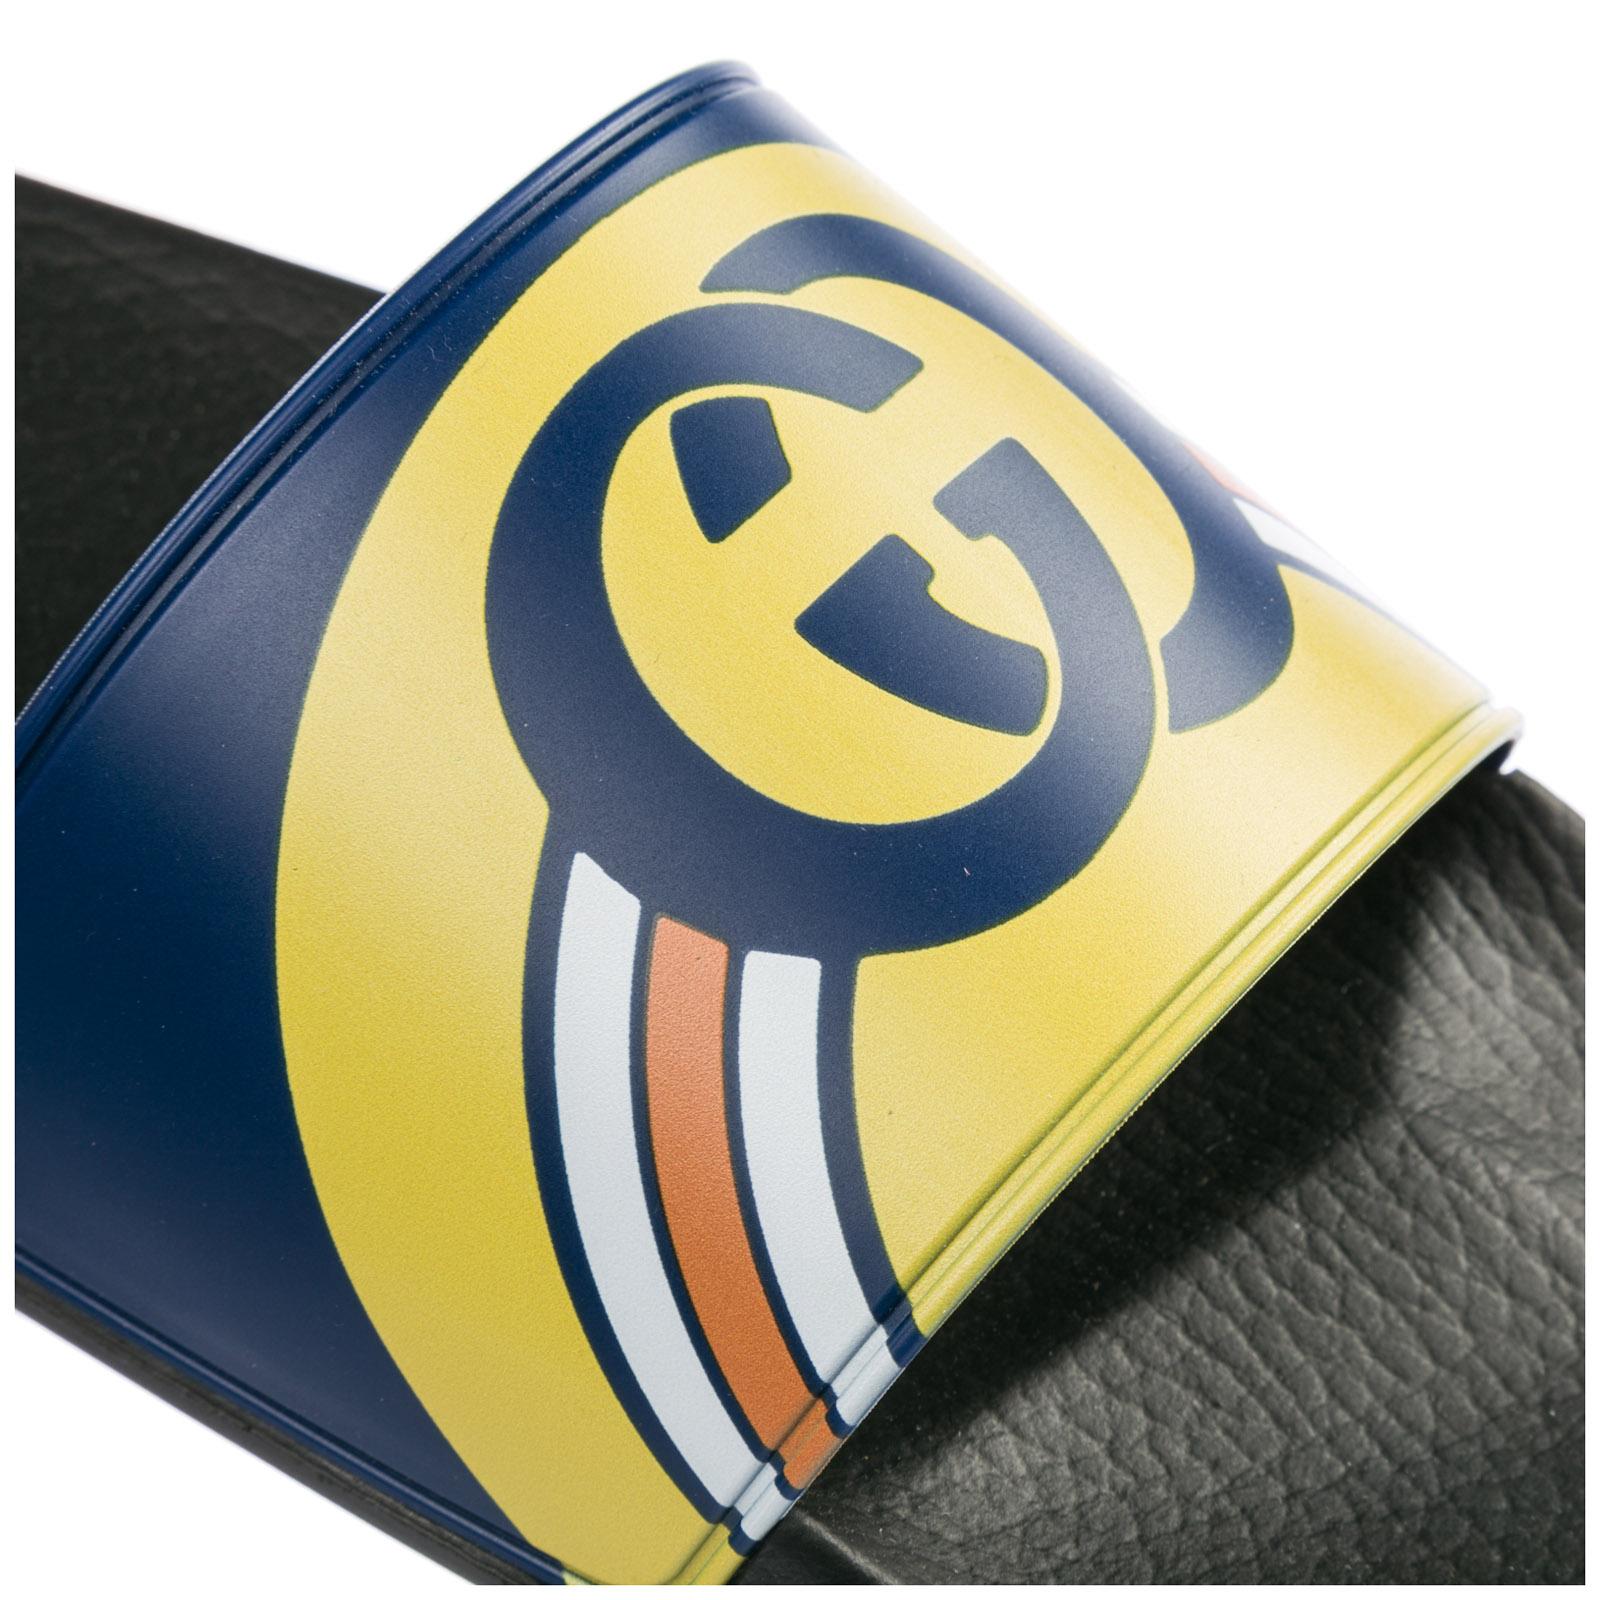 a260a078d1bd Ciabatte Gucci 548703 JDB00 4736 electric blue | FRMODA.com